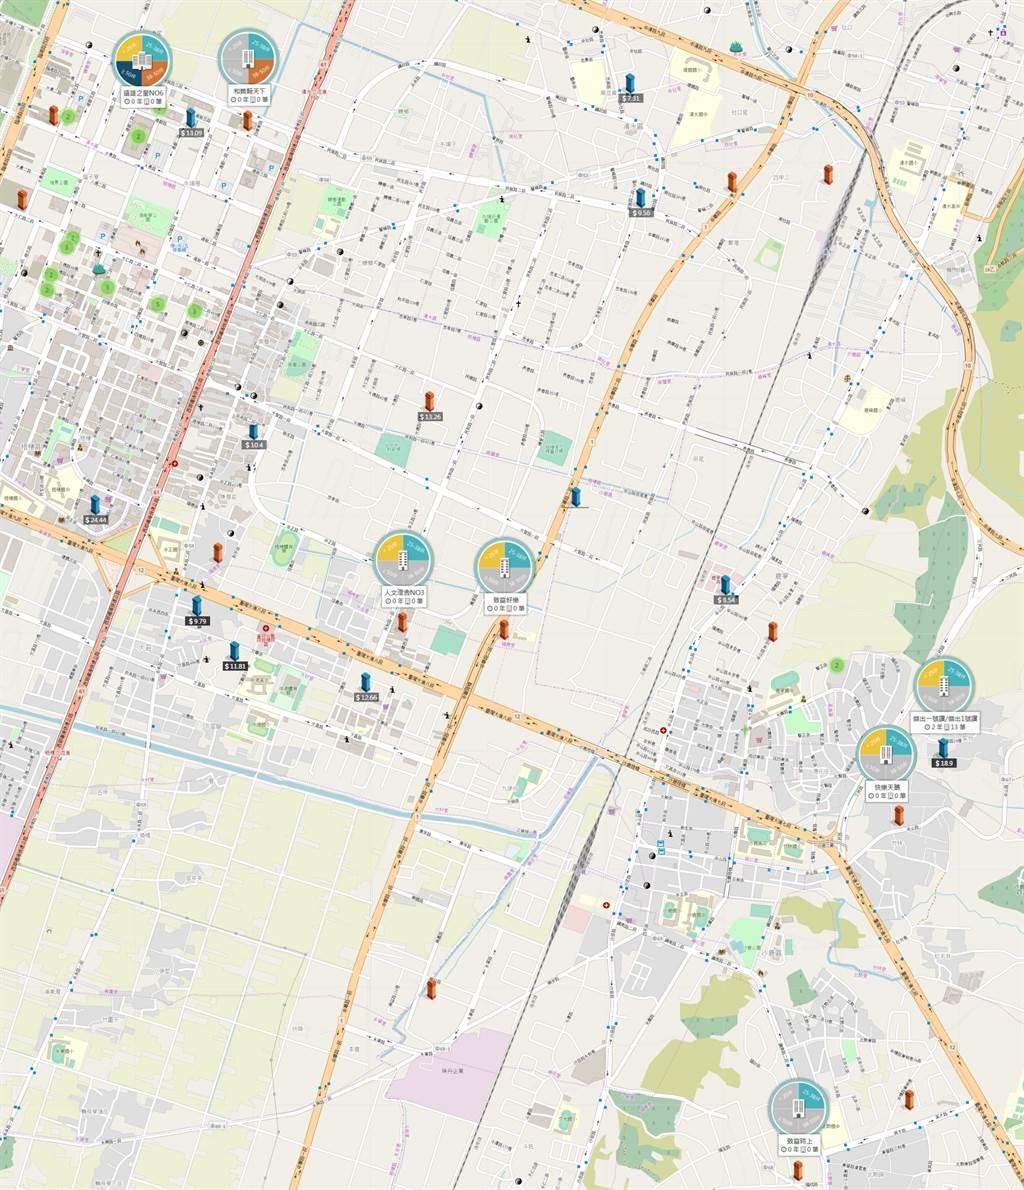 沙鹿市區、梧棲區、台中港市鎮中心區域實價分析